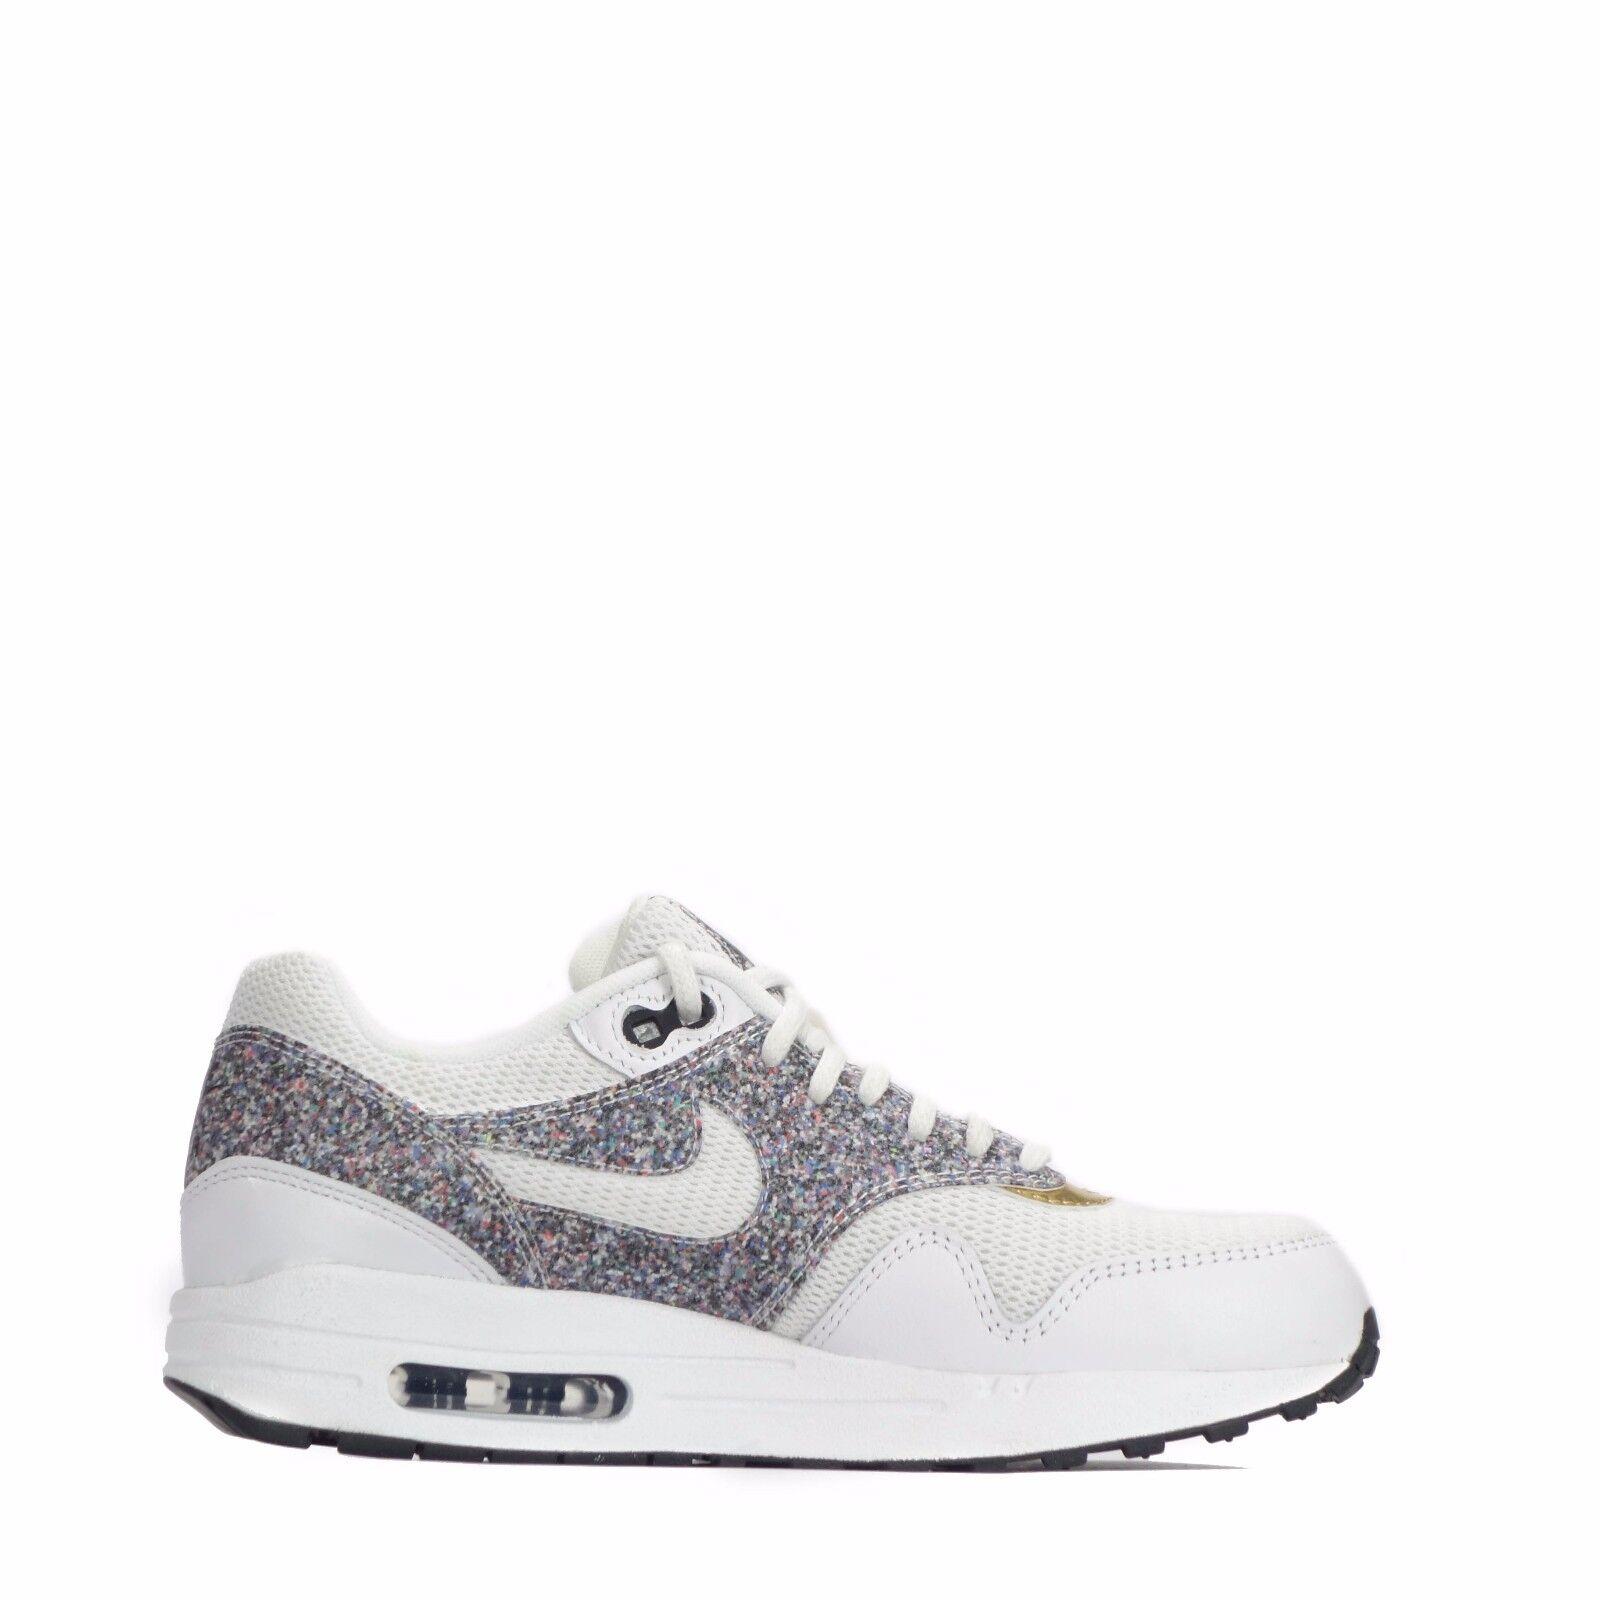 Nike AIR MAX MAX MAX 1 se Scarpe Donna Bianco Nero f38301